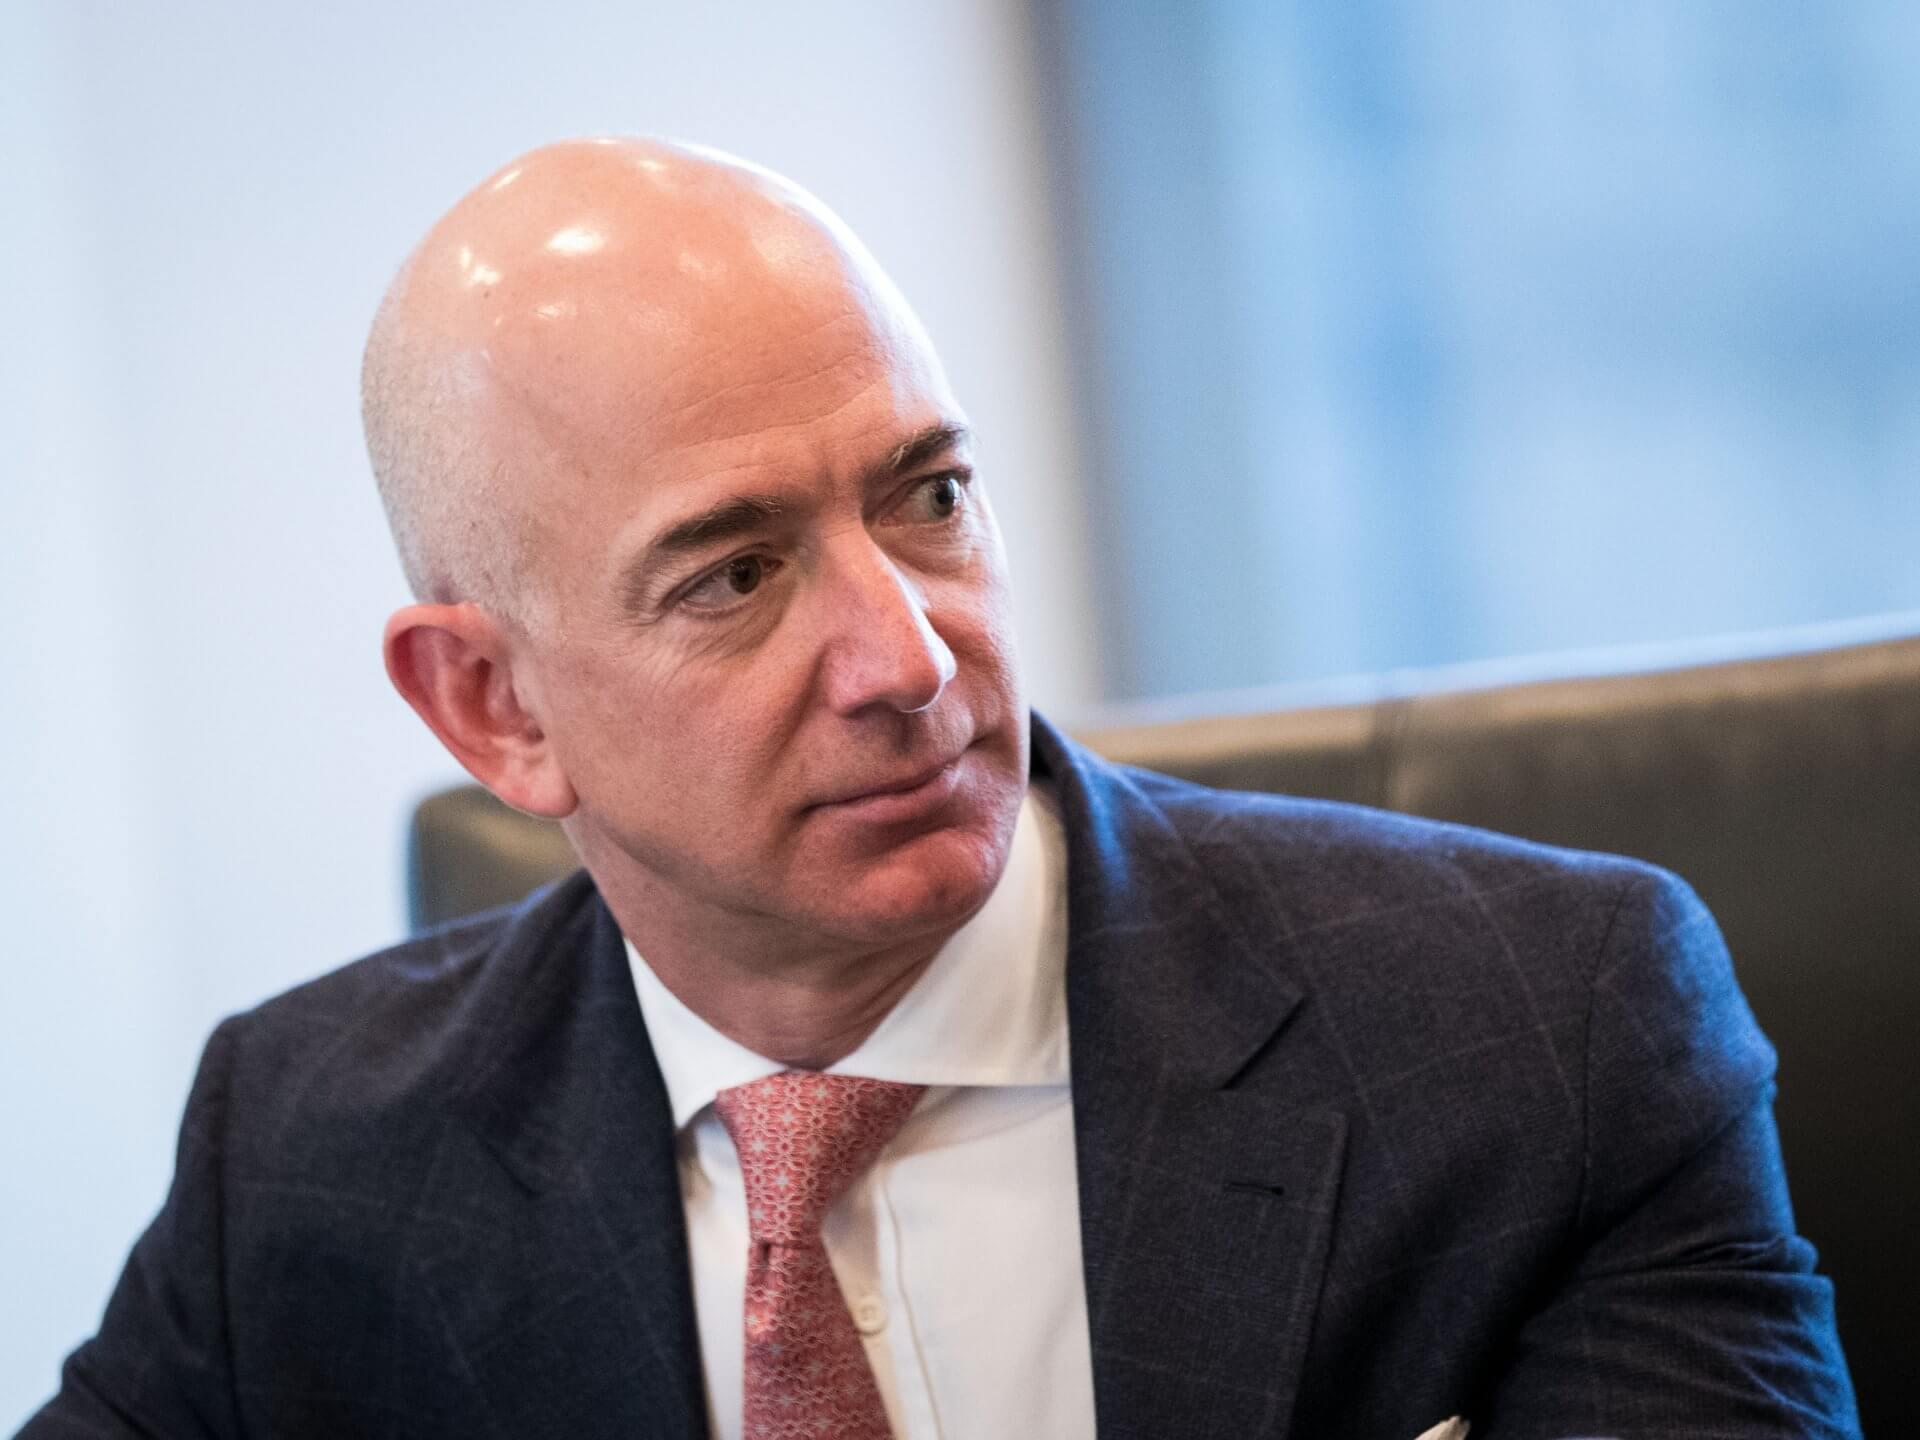 """Jeff Bezos tiên đoán: """"Thực tế sẽ đến một ngày Amazon sụp đổ"""" - 1"""